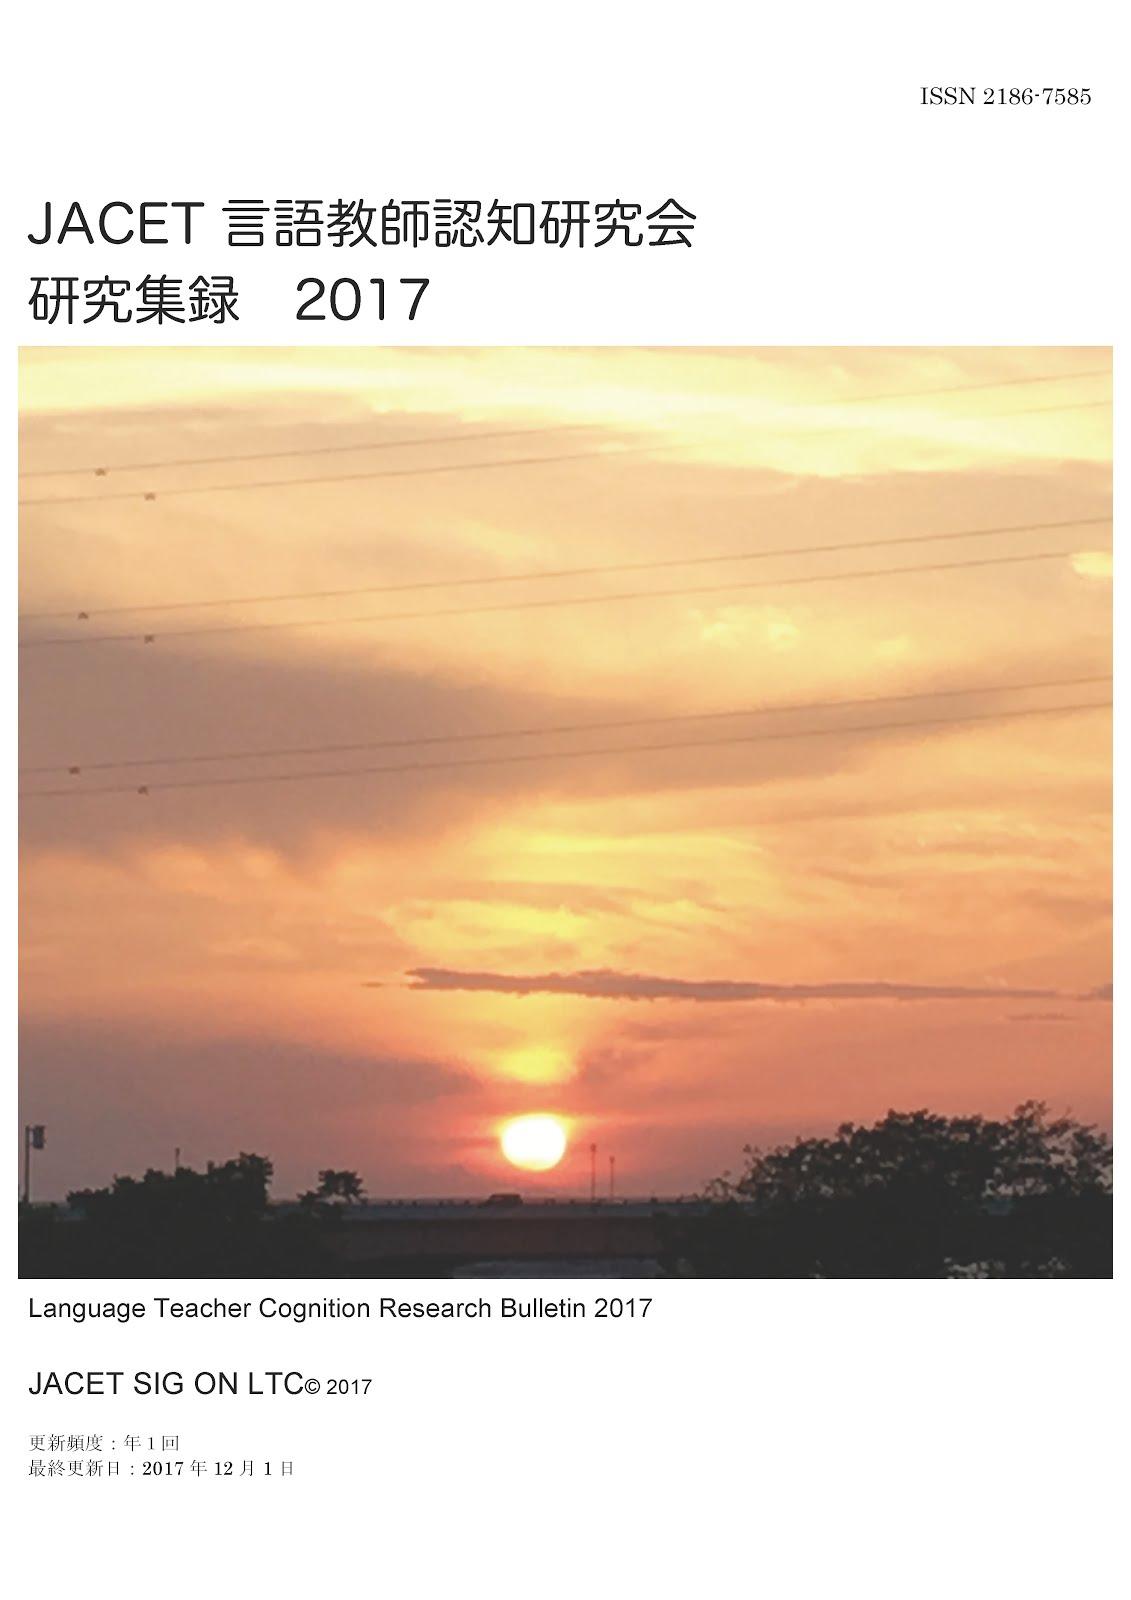 情報 7 新刊 言語教師認知研究会研究集録2017